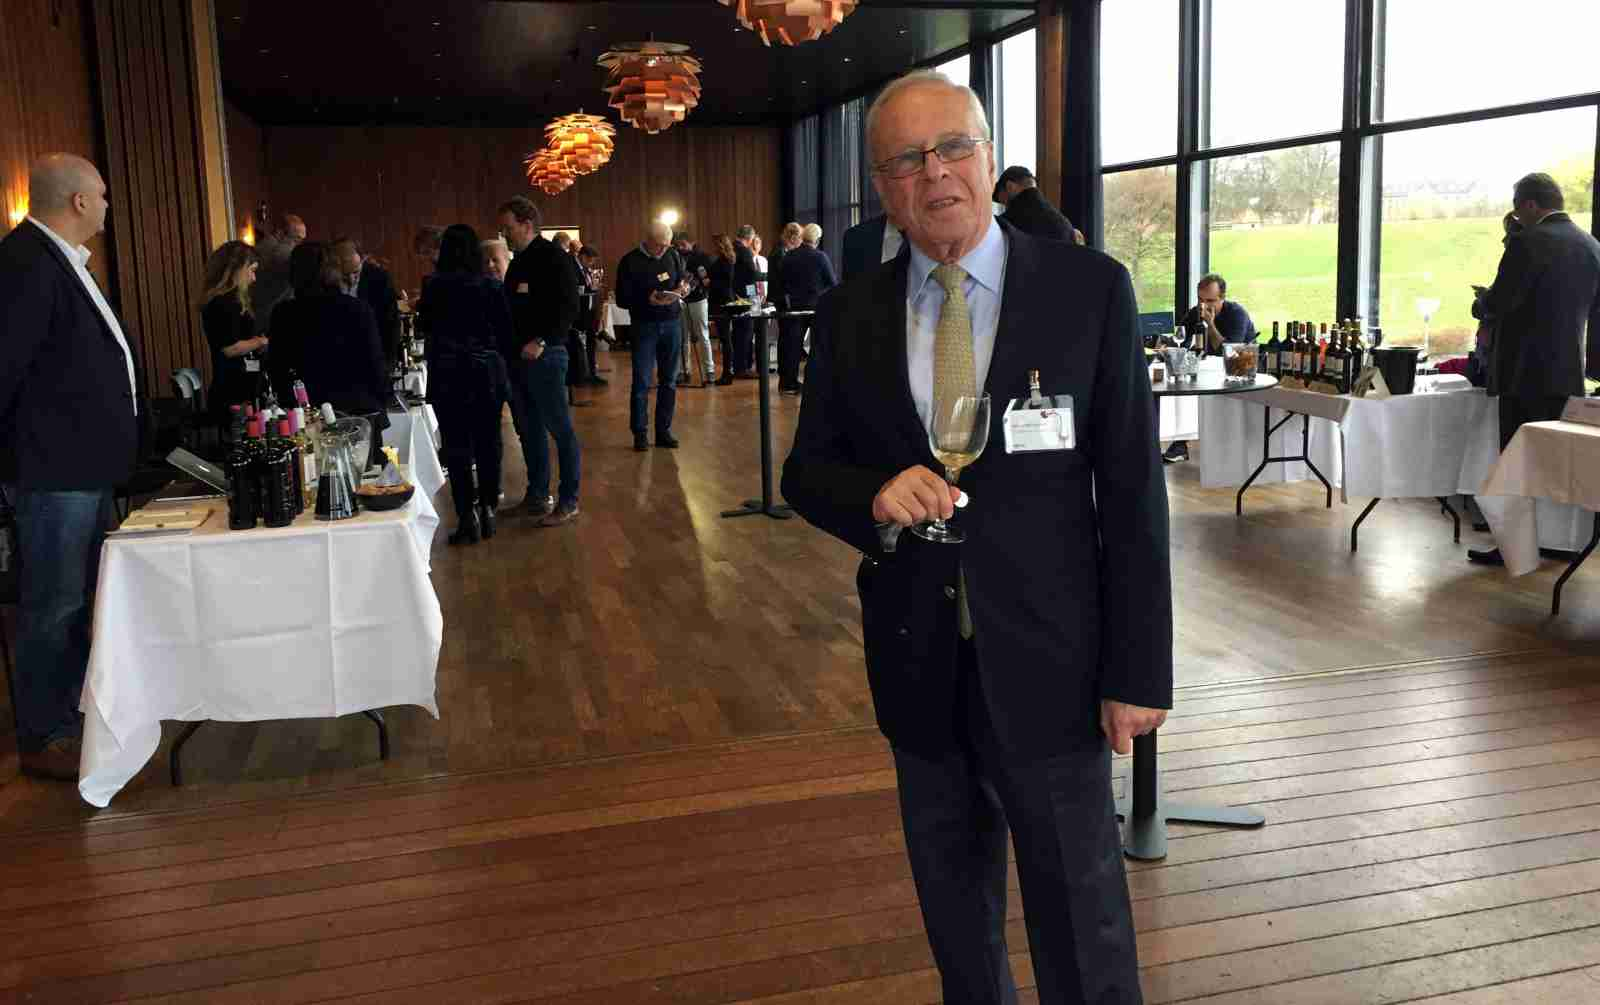 Om de kan lave vin i Libanon. Zafer Chaoui, der både er præsident for Libanons Vinsammenslutning og CEO for Château Ksara, forklarer, at vinproduktionen i Libanon er begrænset af landets størrelse og derfor aldrig vil komme til at lave vin i store mængder. Derfor satser man på niche og høj kvalitet.